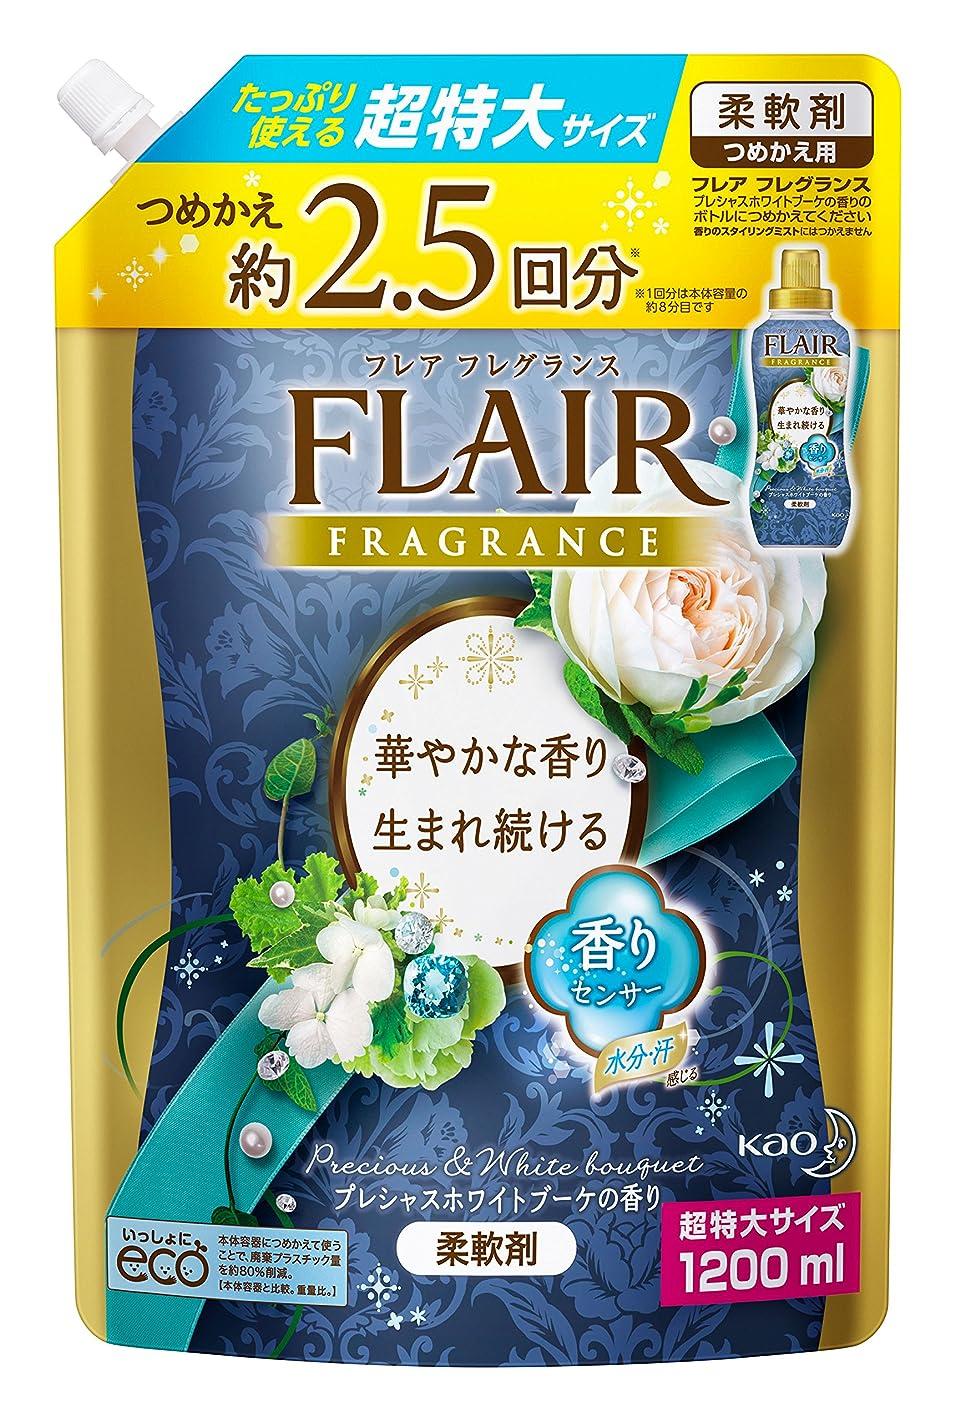 スキャンダラス美しい印象的【大容量】フレアフレグランス 柔軟剤 プレシャス&ホワイトブーケの香り 詰替用 1200ml